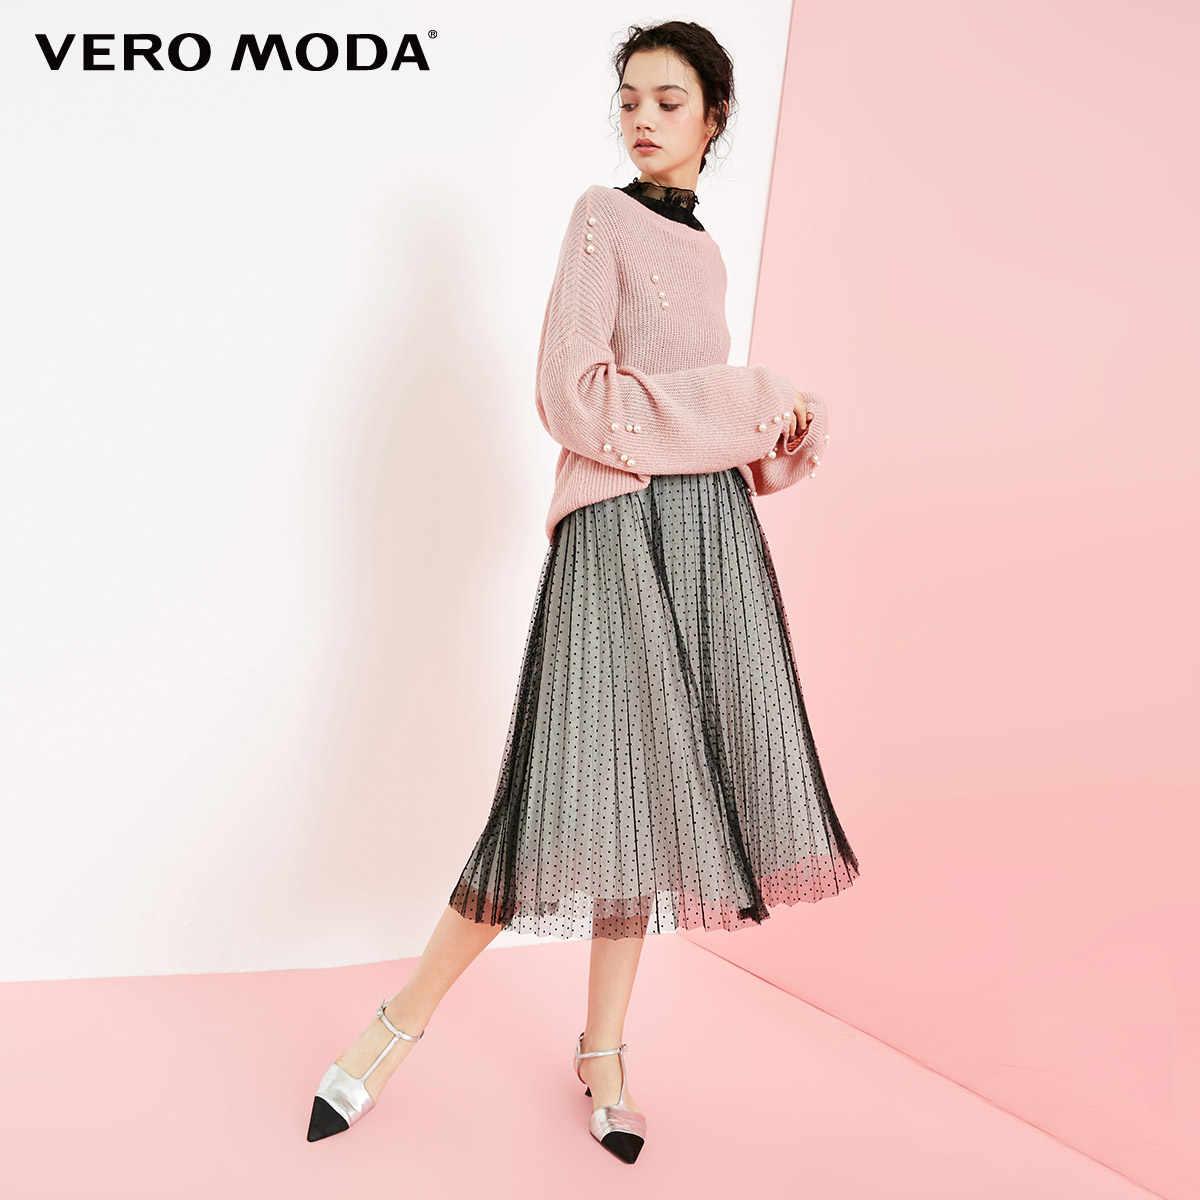 Vero Moda 2019 новые жемчужные круглые Висячие Плечи свитер для фейерверка женщин | 318413523